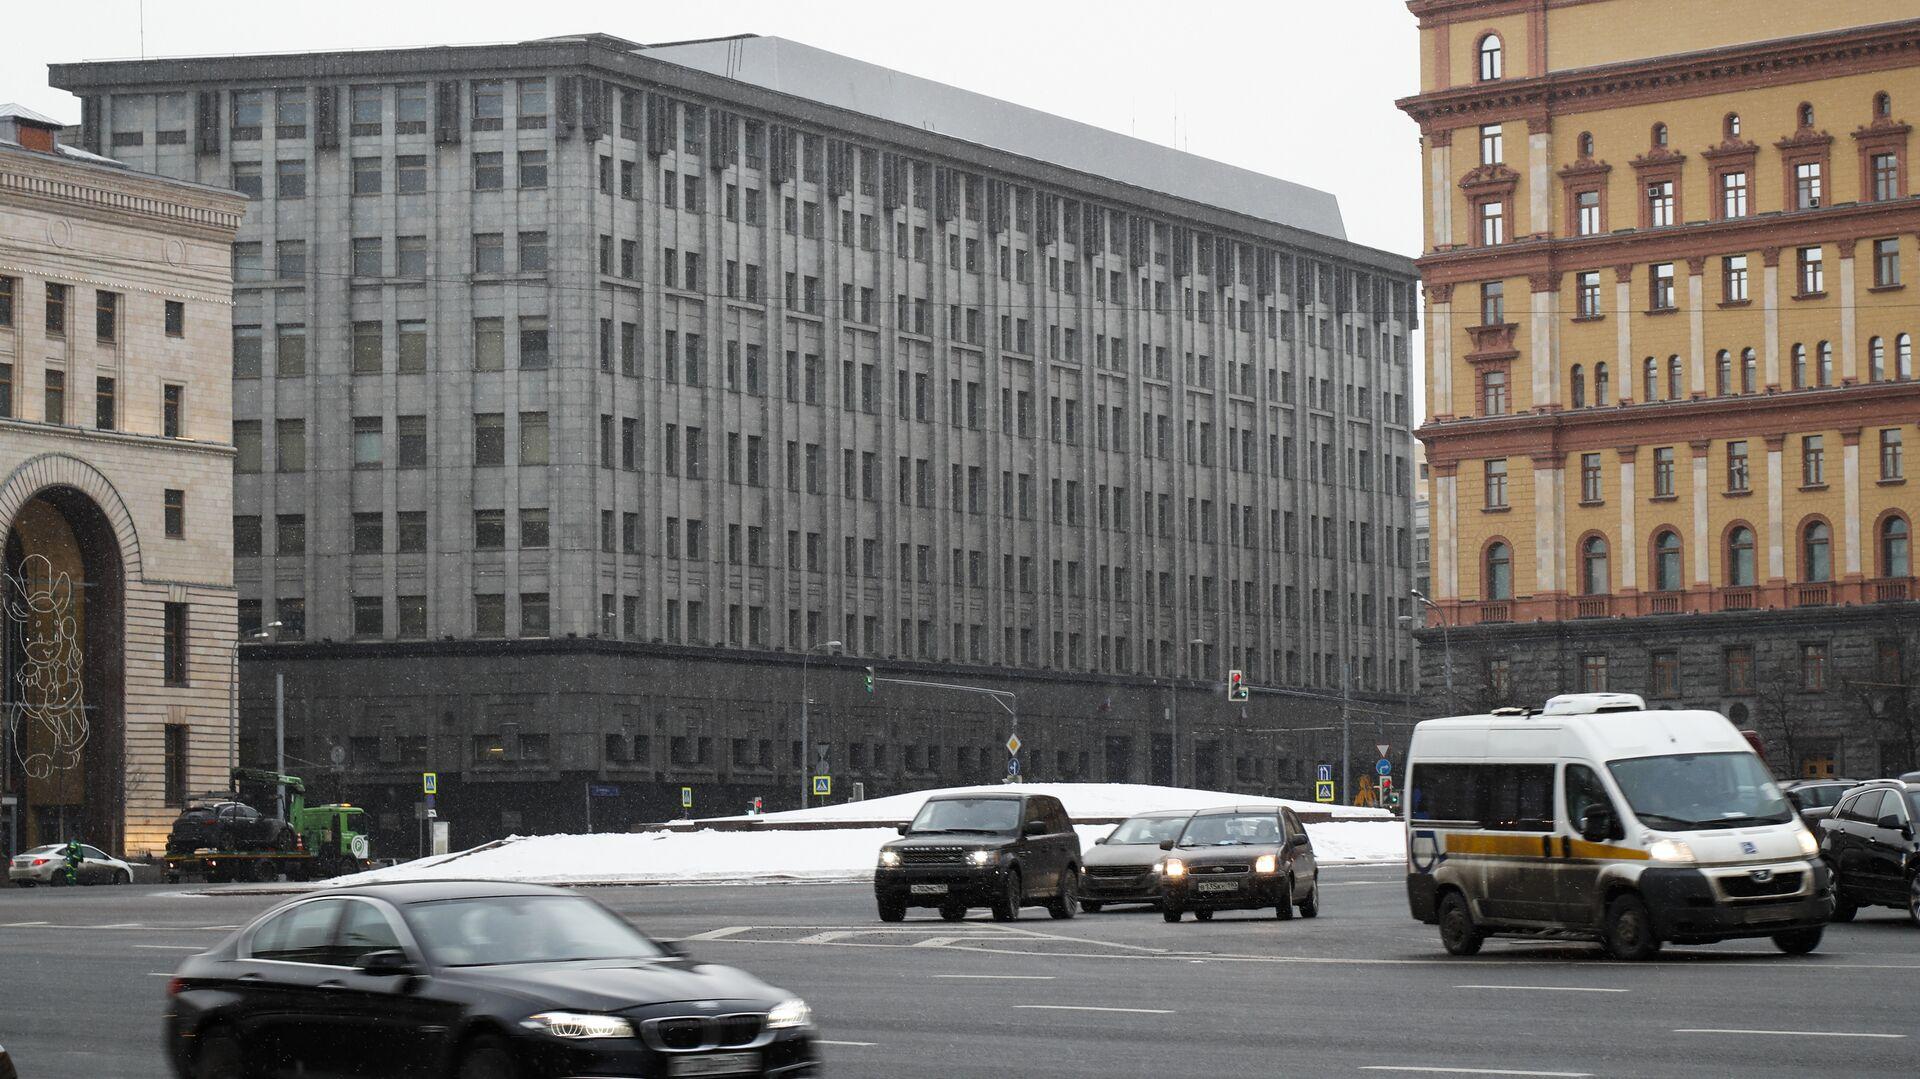 ABD'nin yaptırım paketine dahil ettiği Rusya Federal Güvenlik Servisi'nin (FSB) Moskova'daki merkezi - Sputnik Türkiye, 1920, 24.09.2021